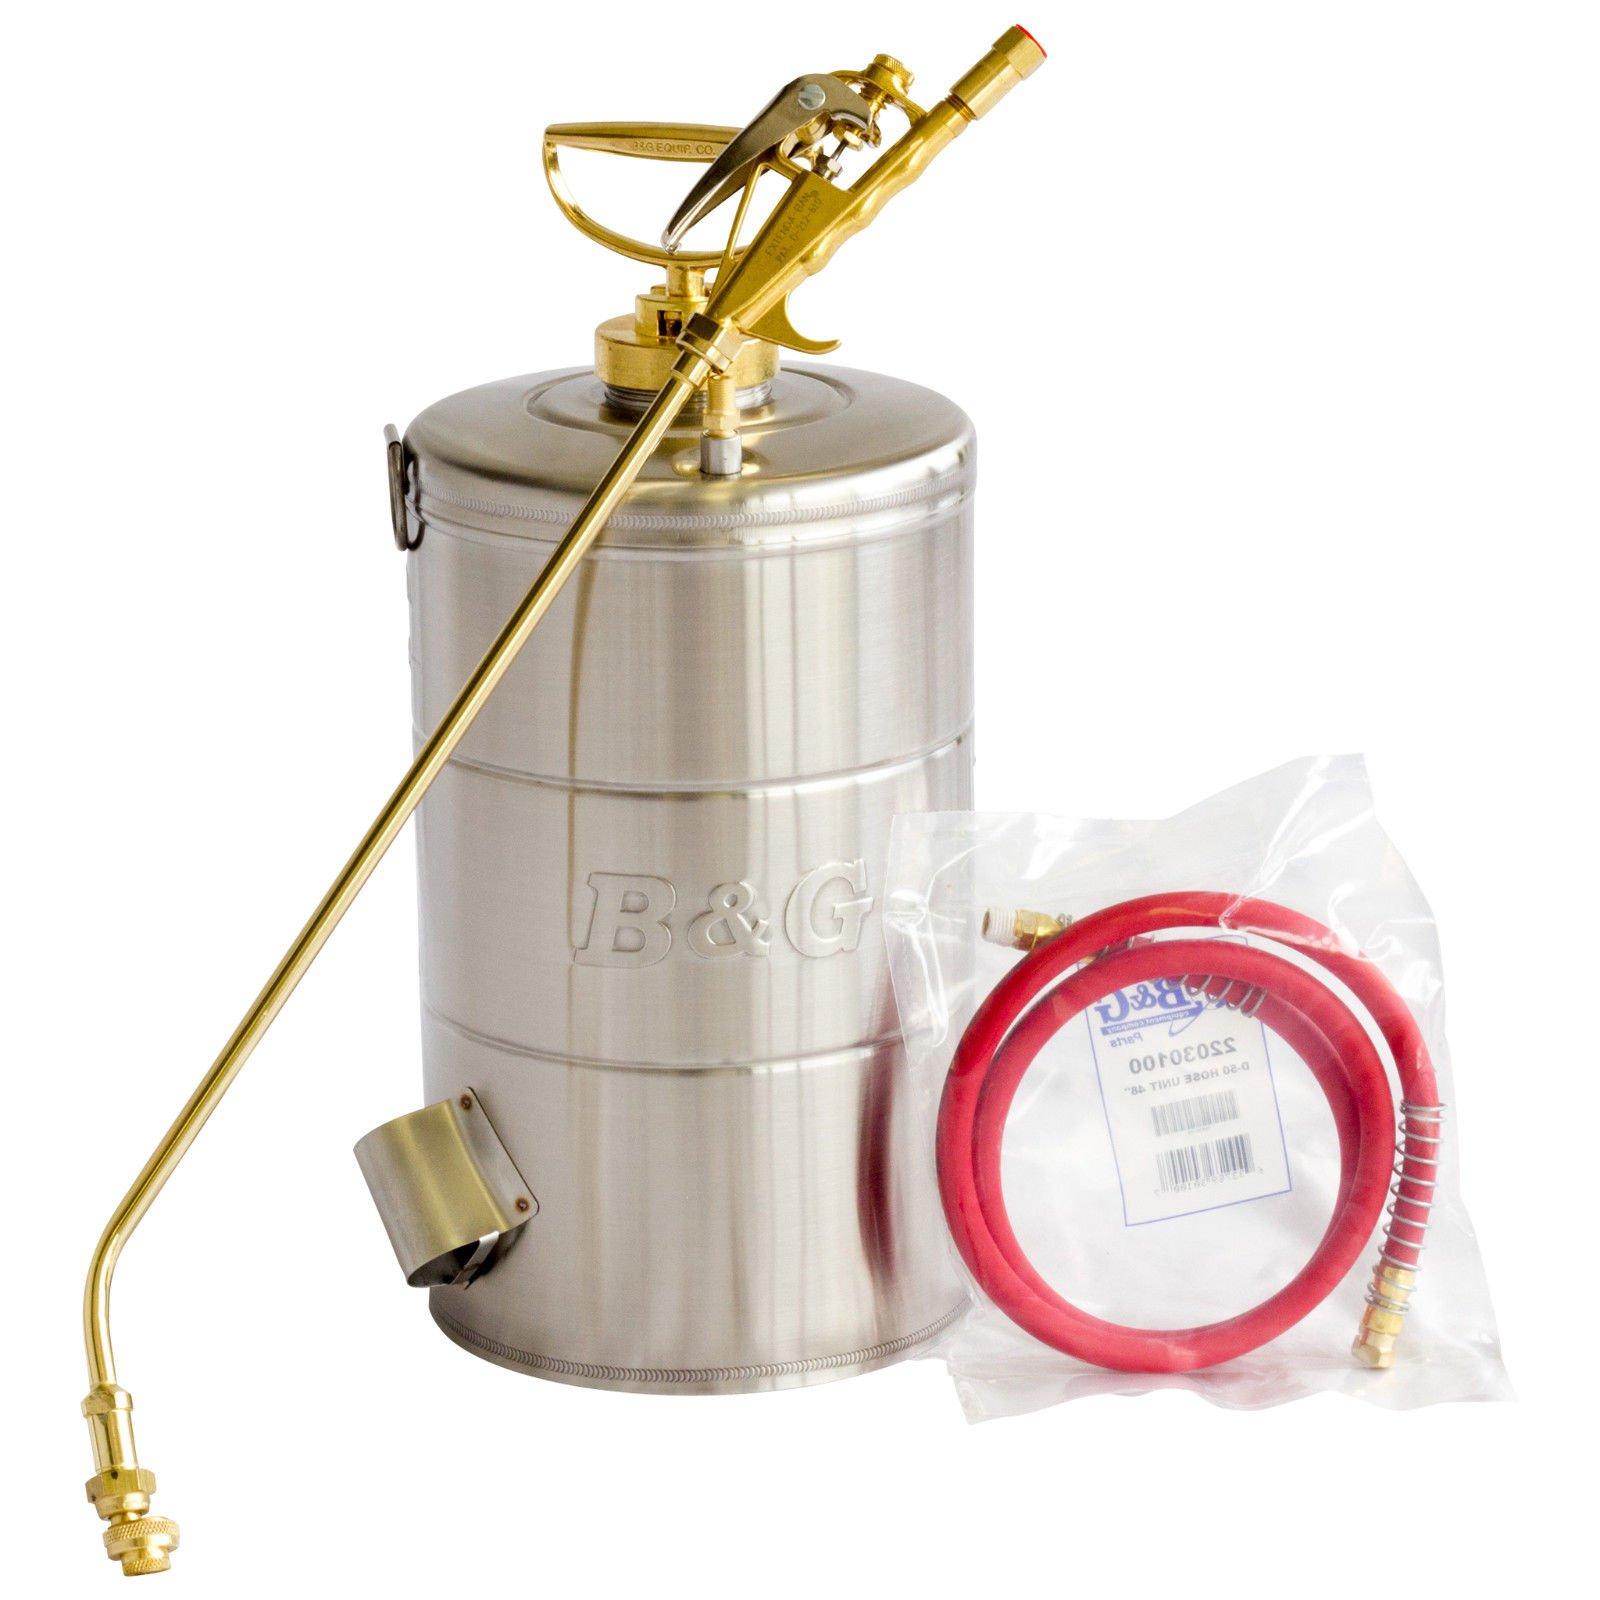 B&G 2 Gal Sprayer 18-inch Wand 4 Way Tip 48'' Hose N224-S - SPECIAL ORDER ITEM ;P#O455K5/U 7RK-B220639